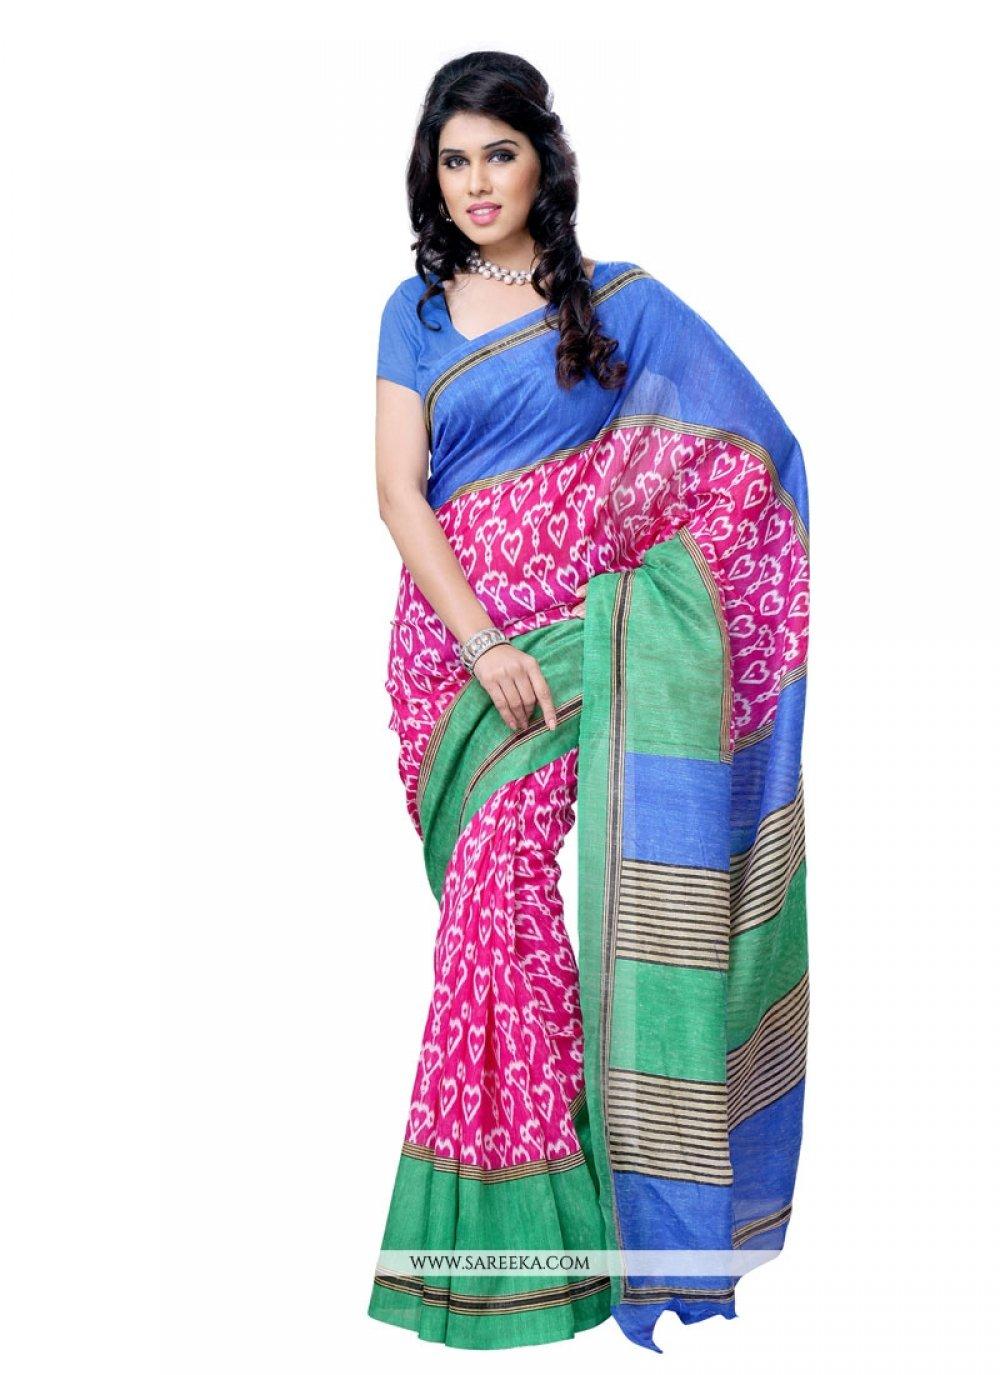 Art Silk Print Work Casual Saree